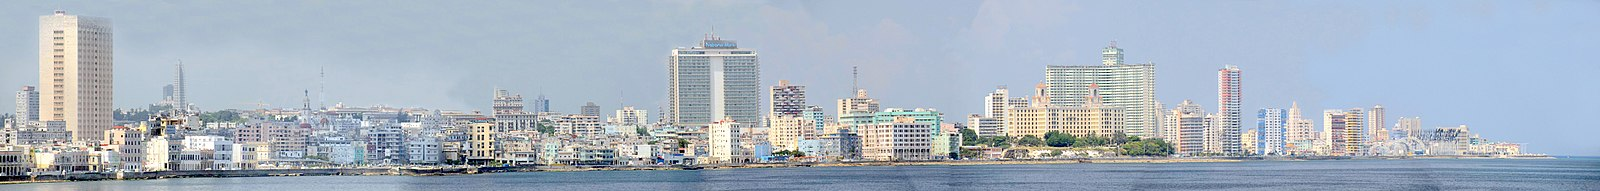 Panoramafoto van de Maleconboulevard in Havana